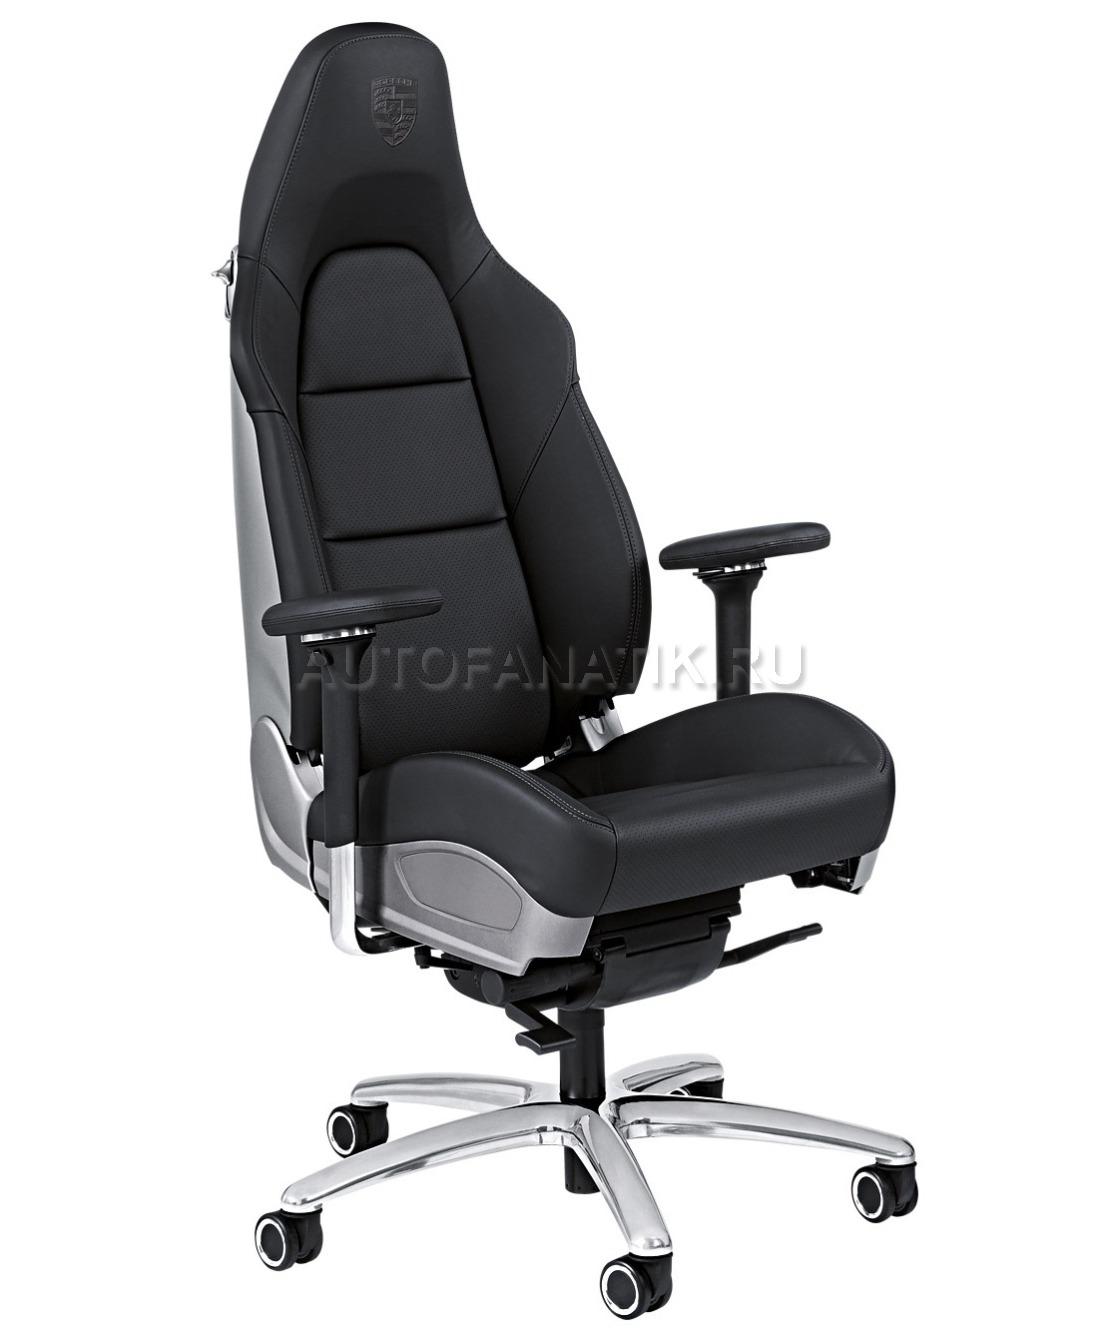 кресло компьютерное от porsche